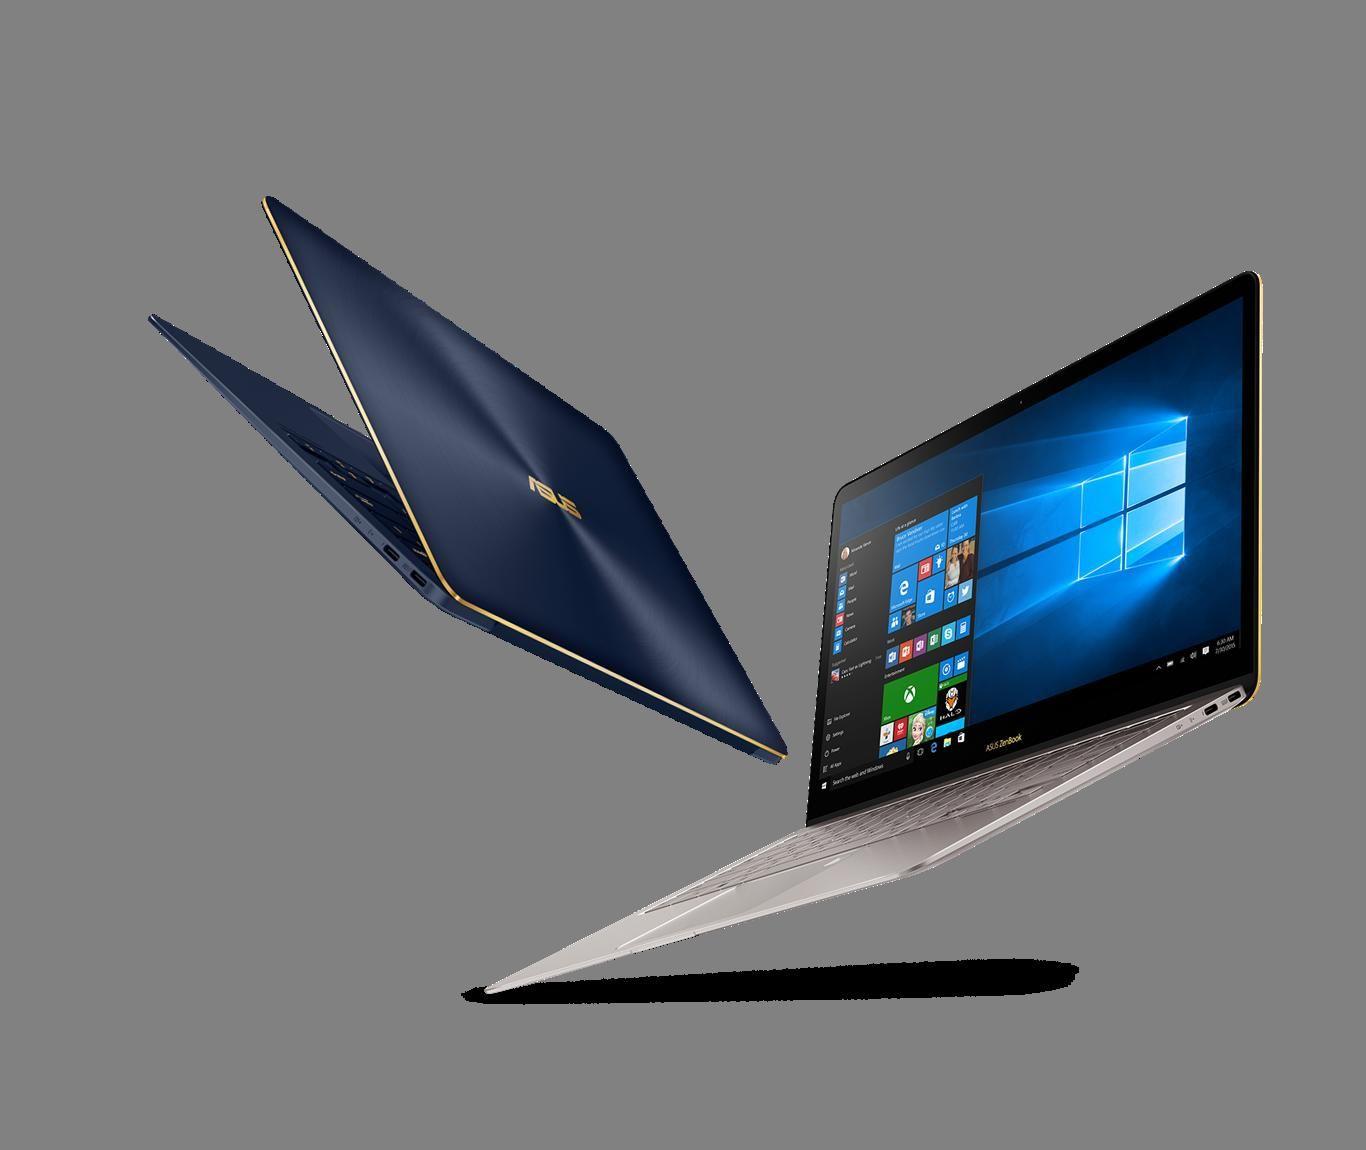 Asus Zenbook 3 Deluxe Ux490 14in Screen Best Laptops Asus Notebook Asus